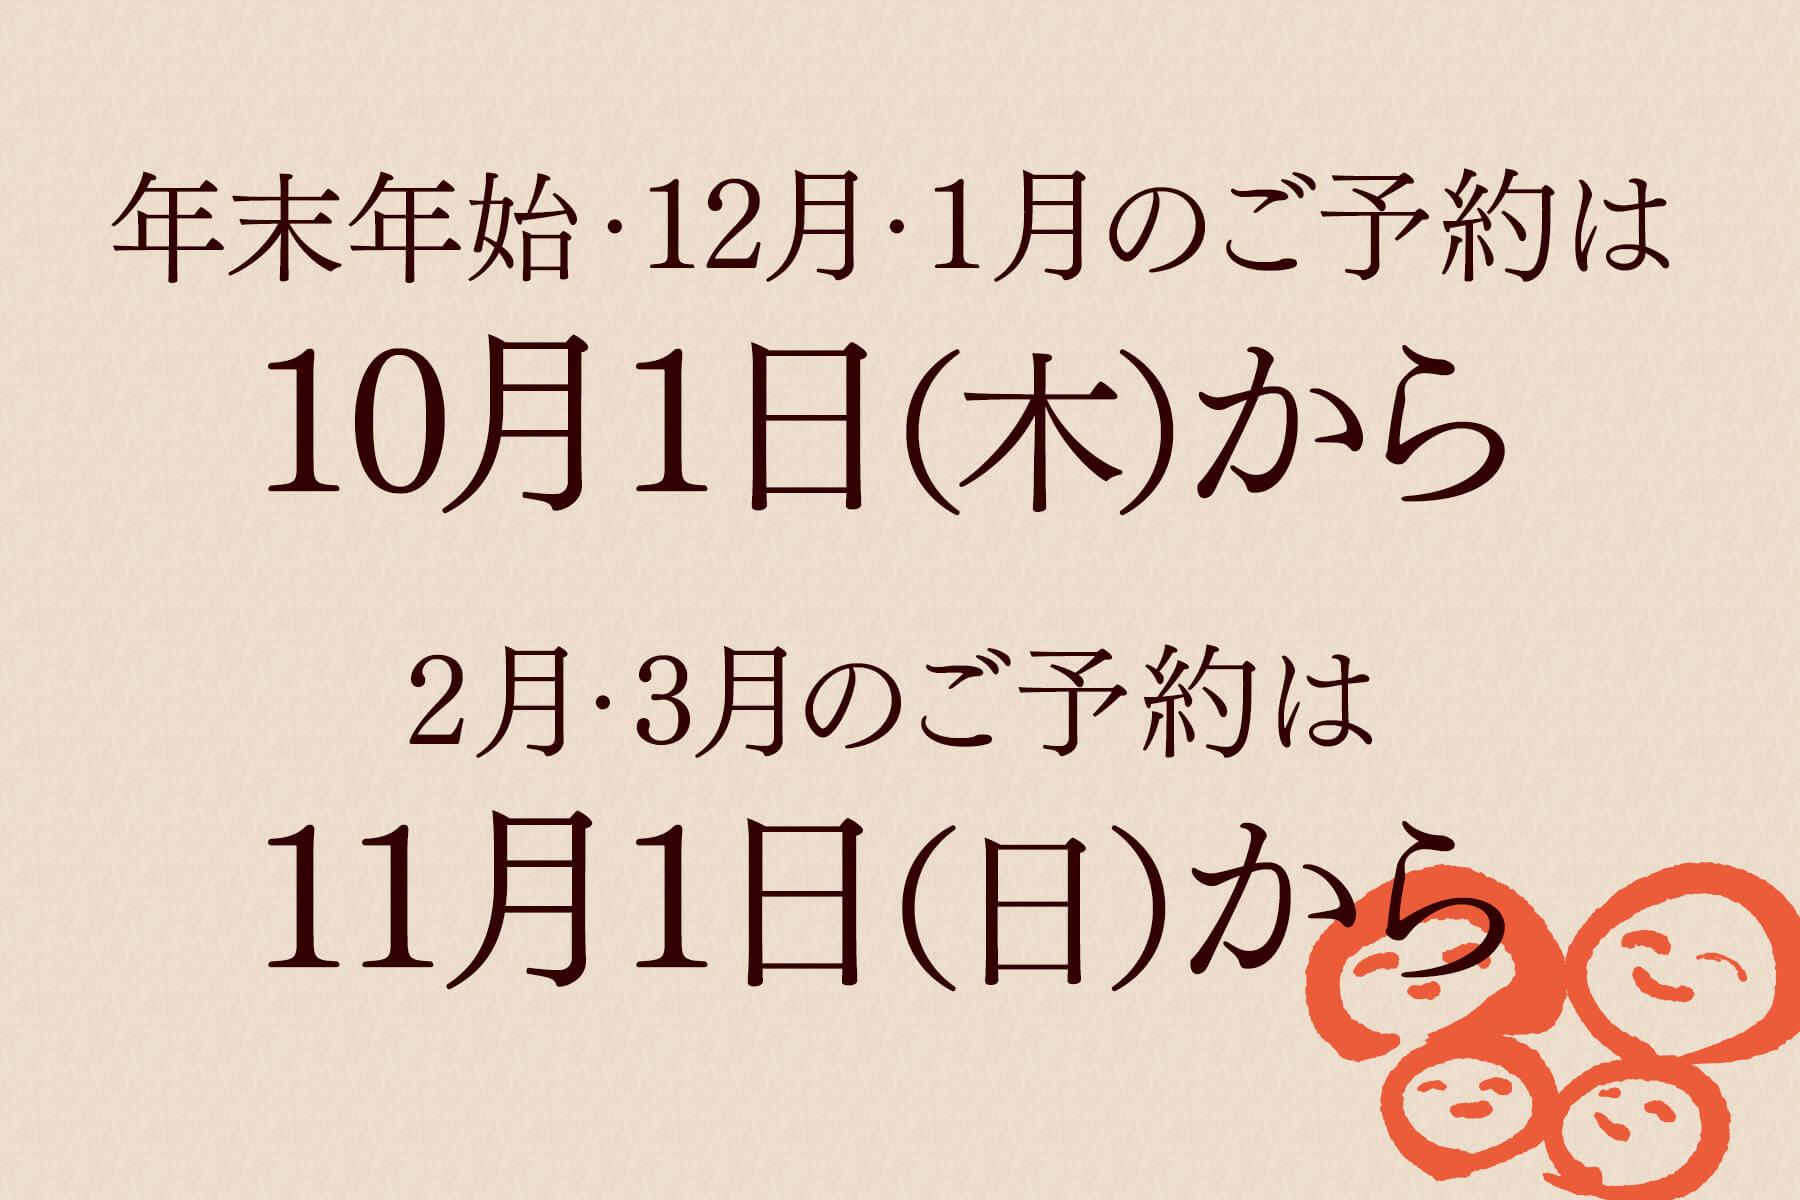 12月1月の予約